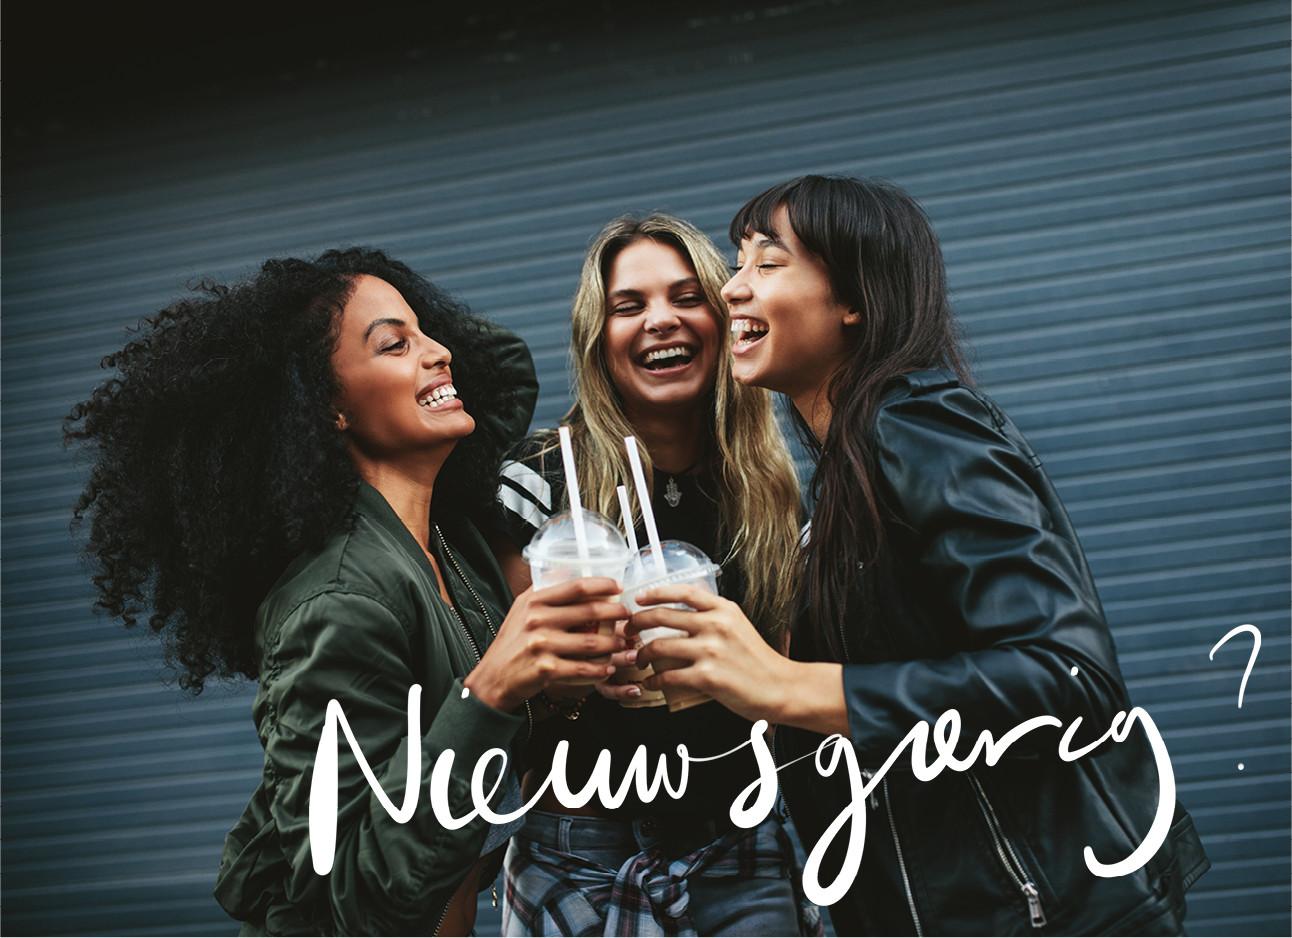 een groepje meiden dat staat te lachen